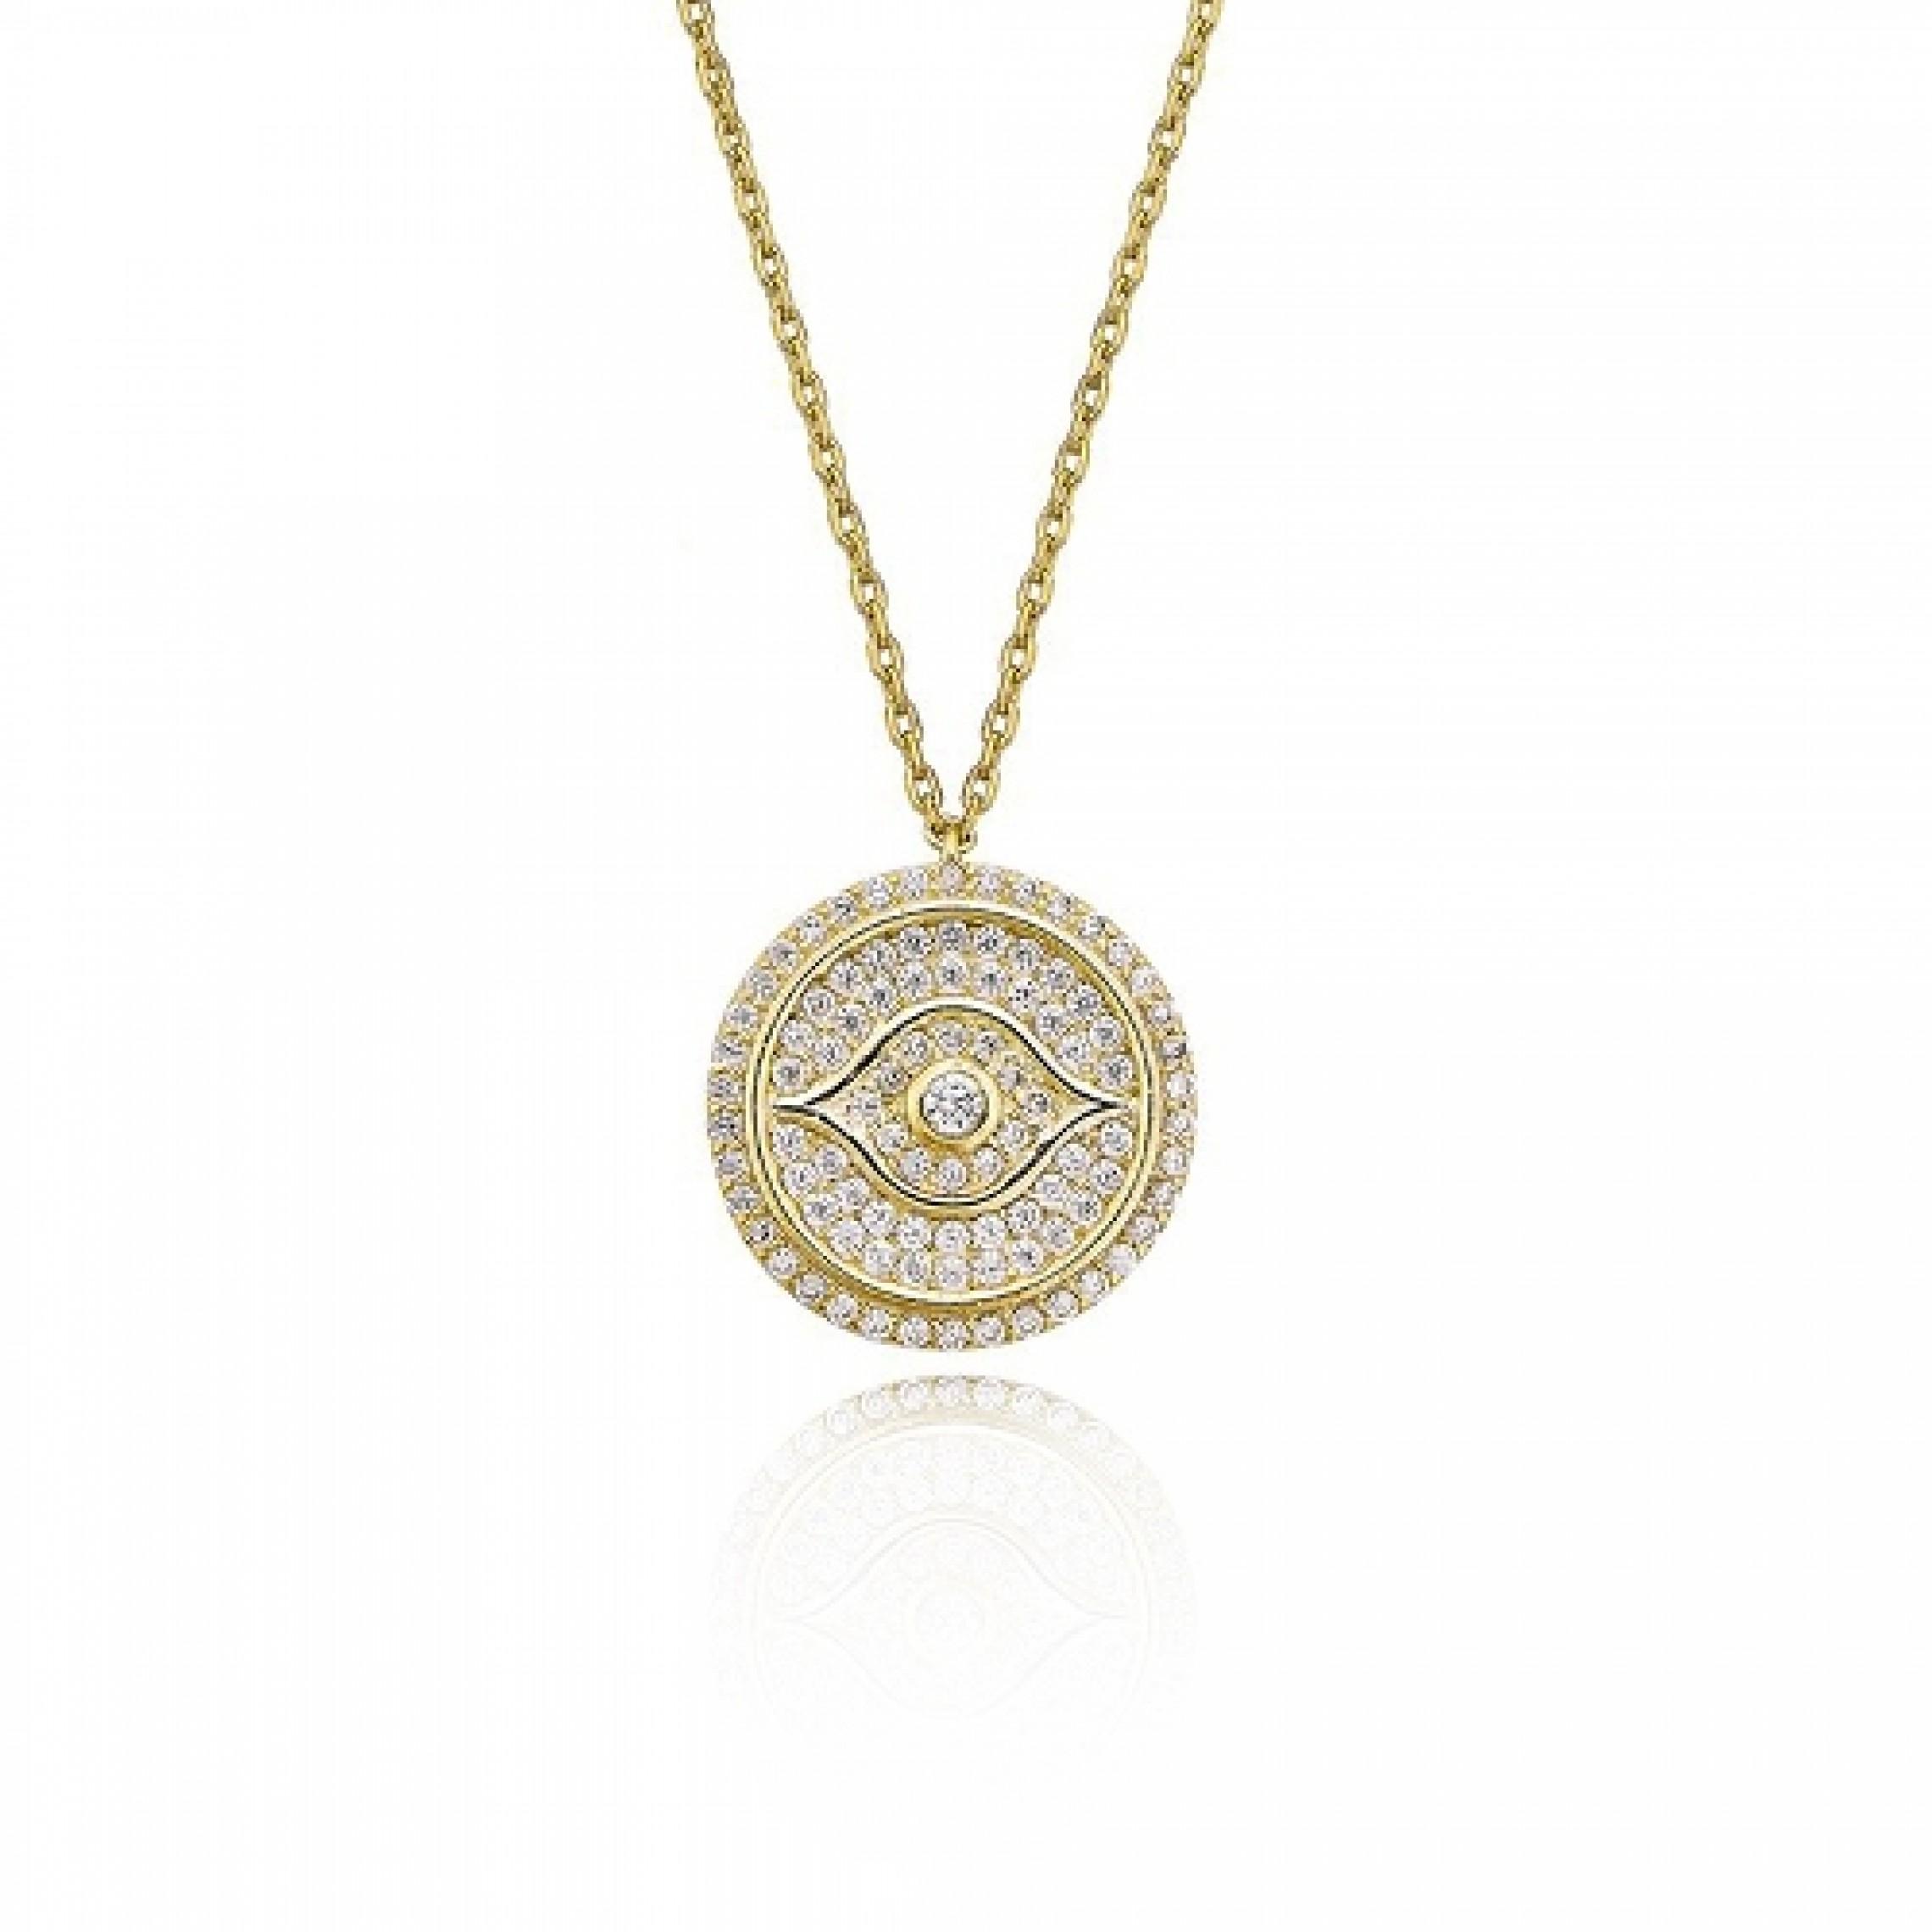 JN-190170 Evil Eye 925 Sterling Silver CZ Necklace